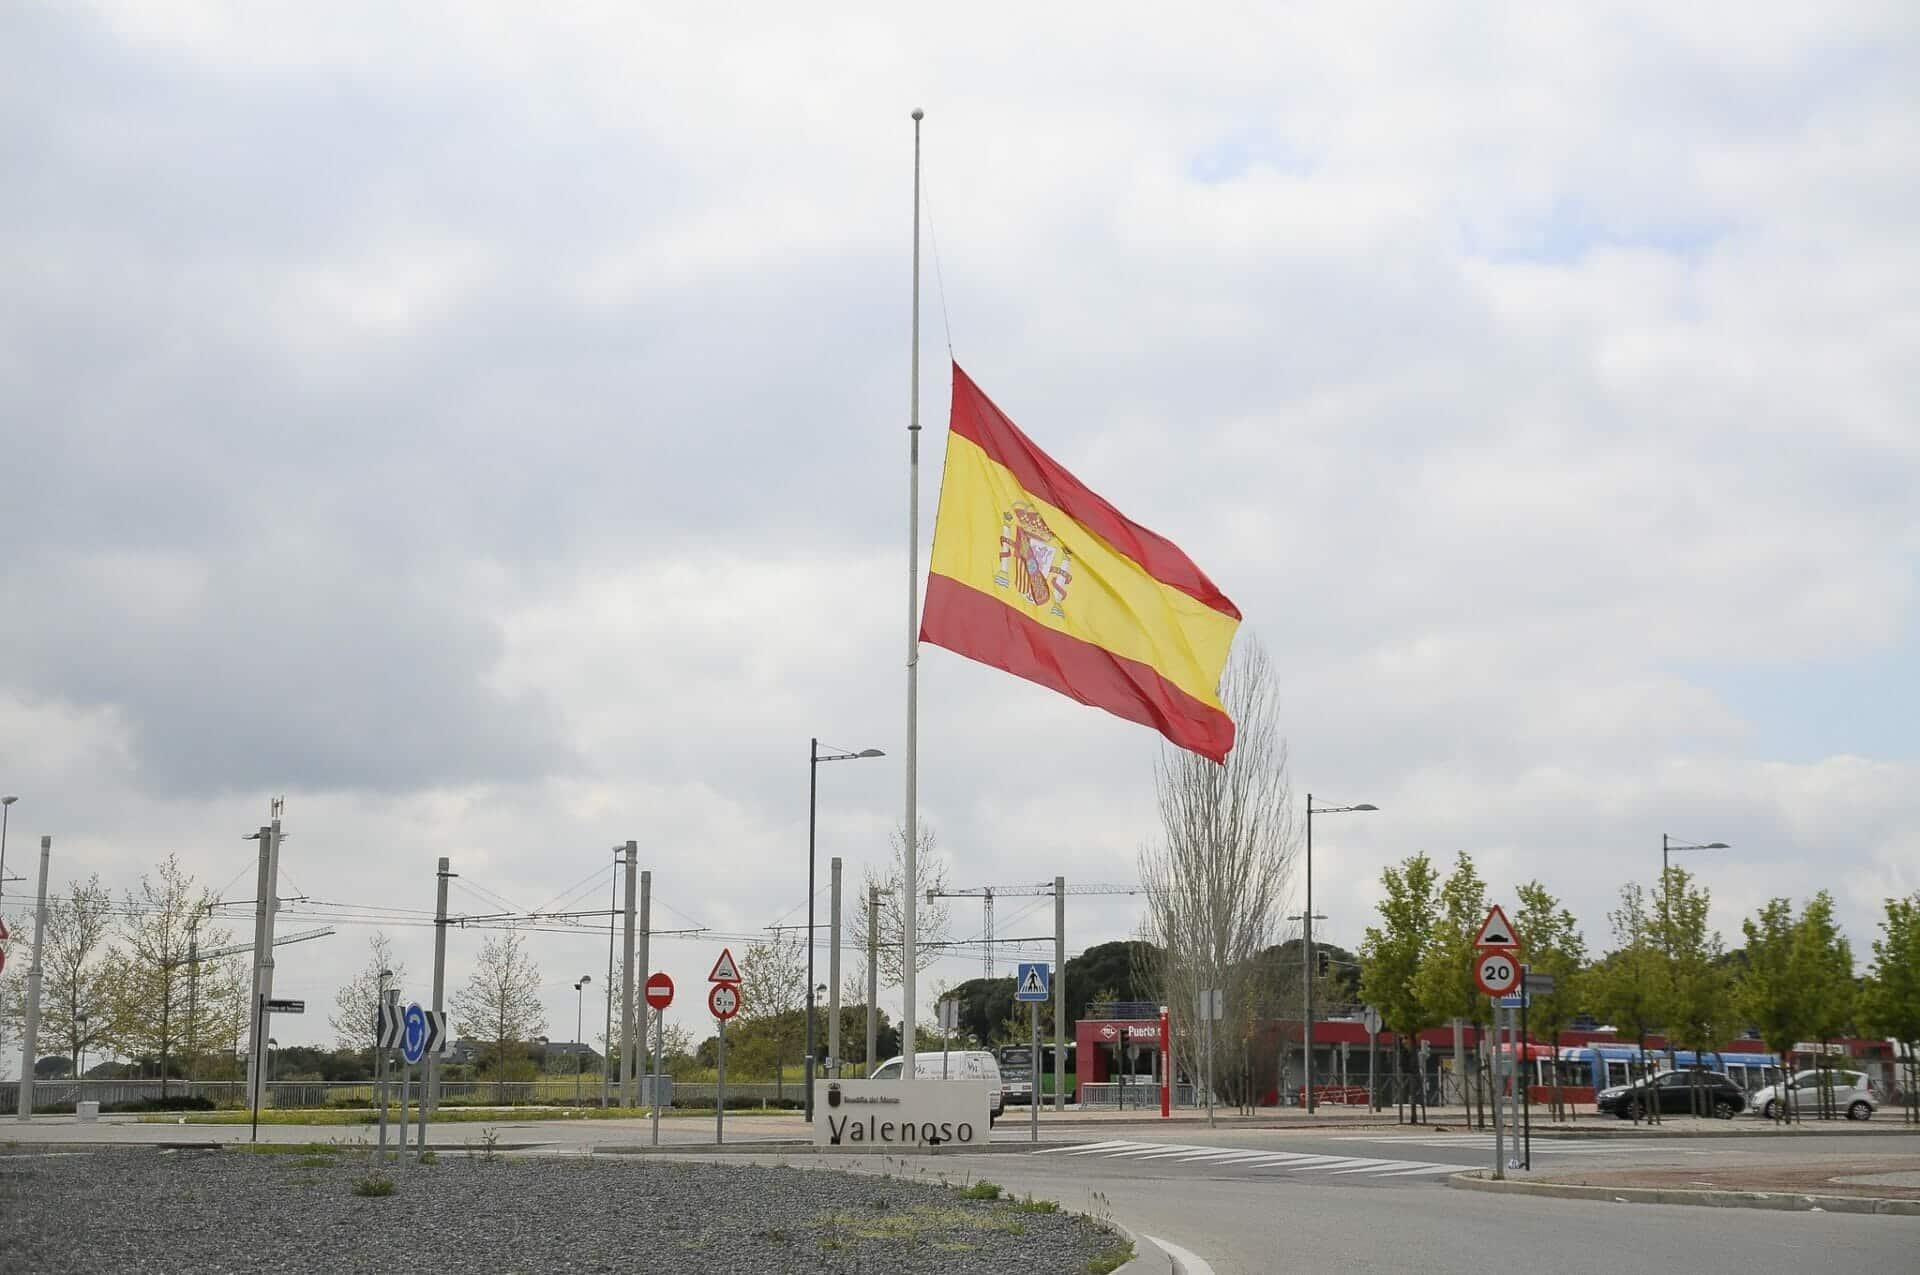 الحديد الرسمي في إسبانيا على ضحايا فيروس كورونا